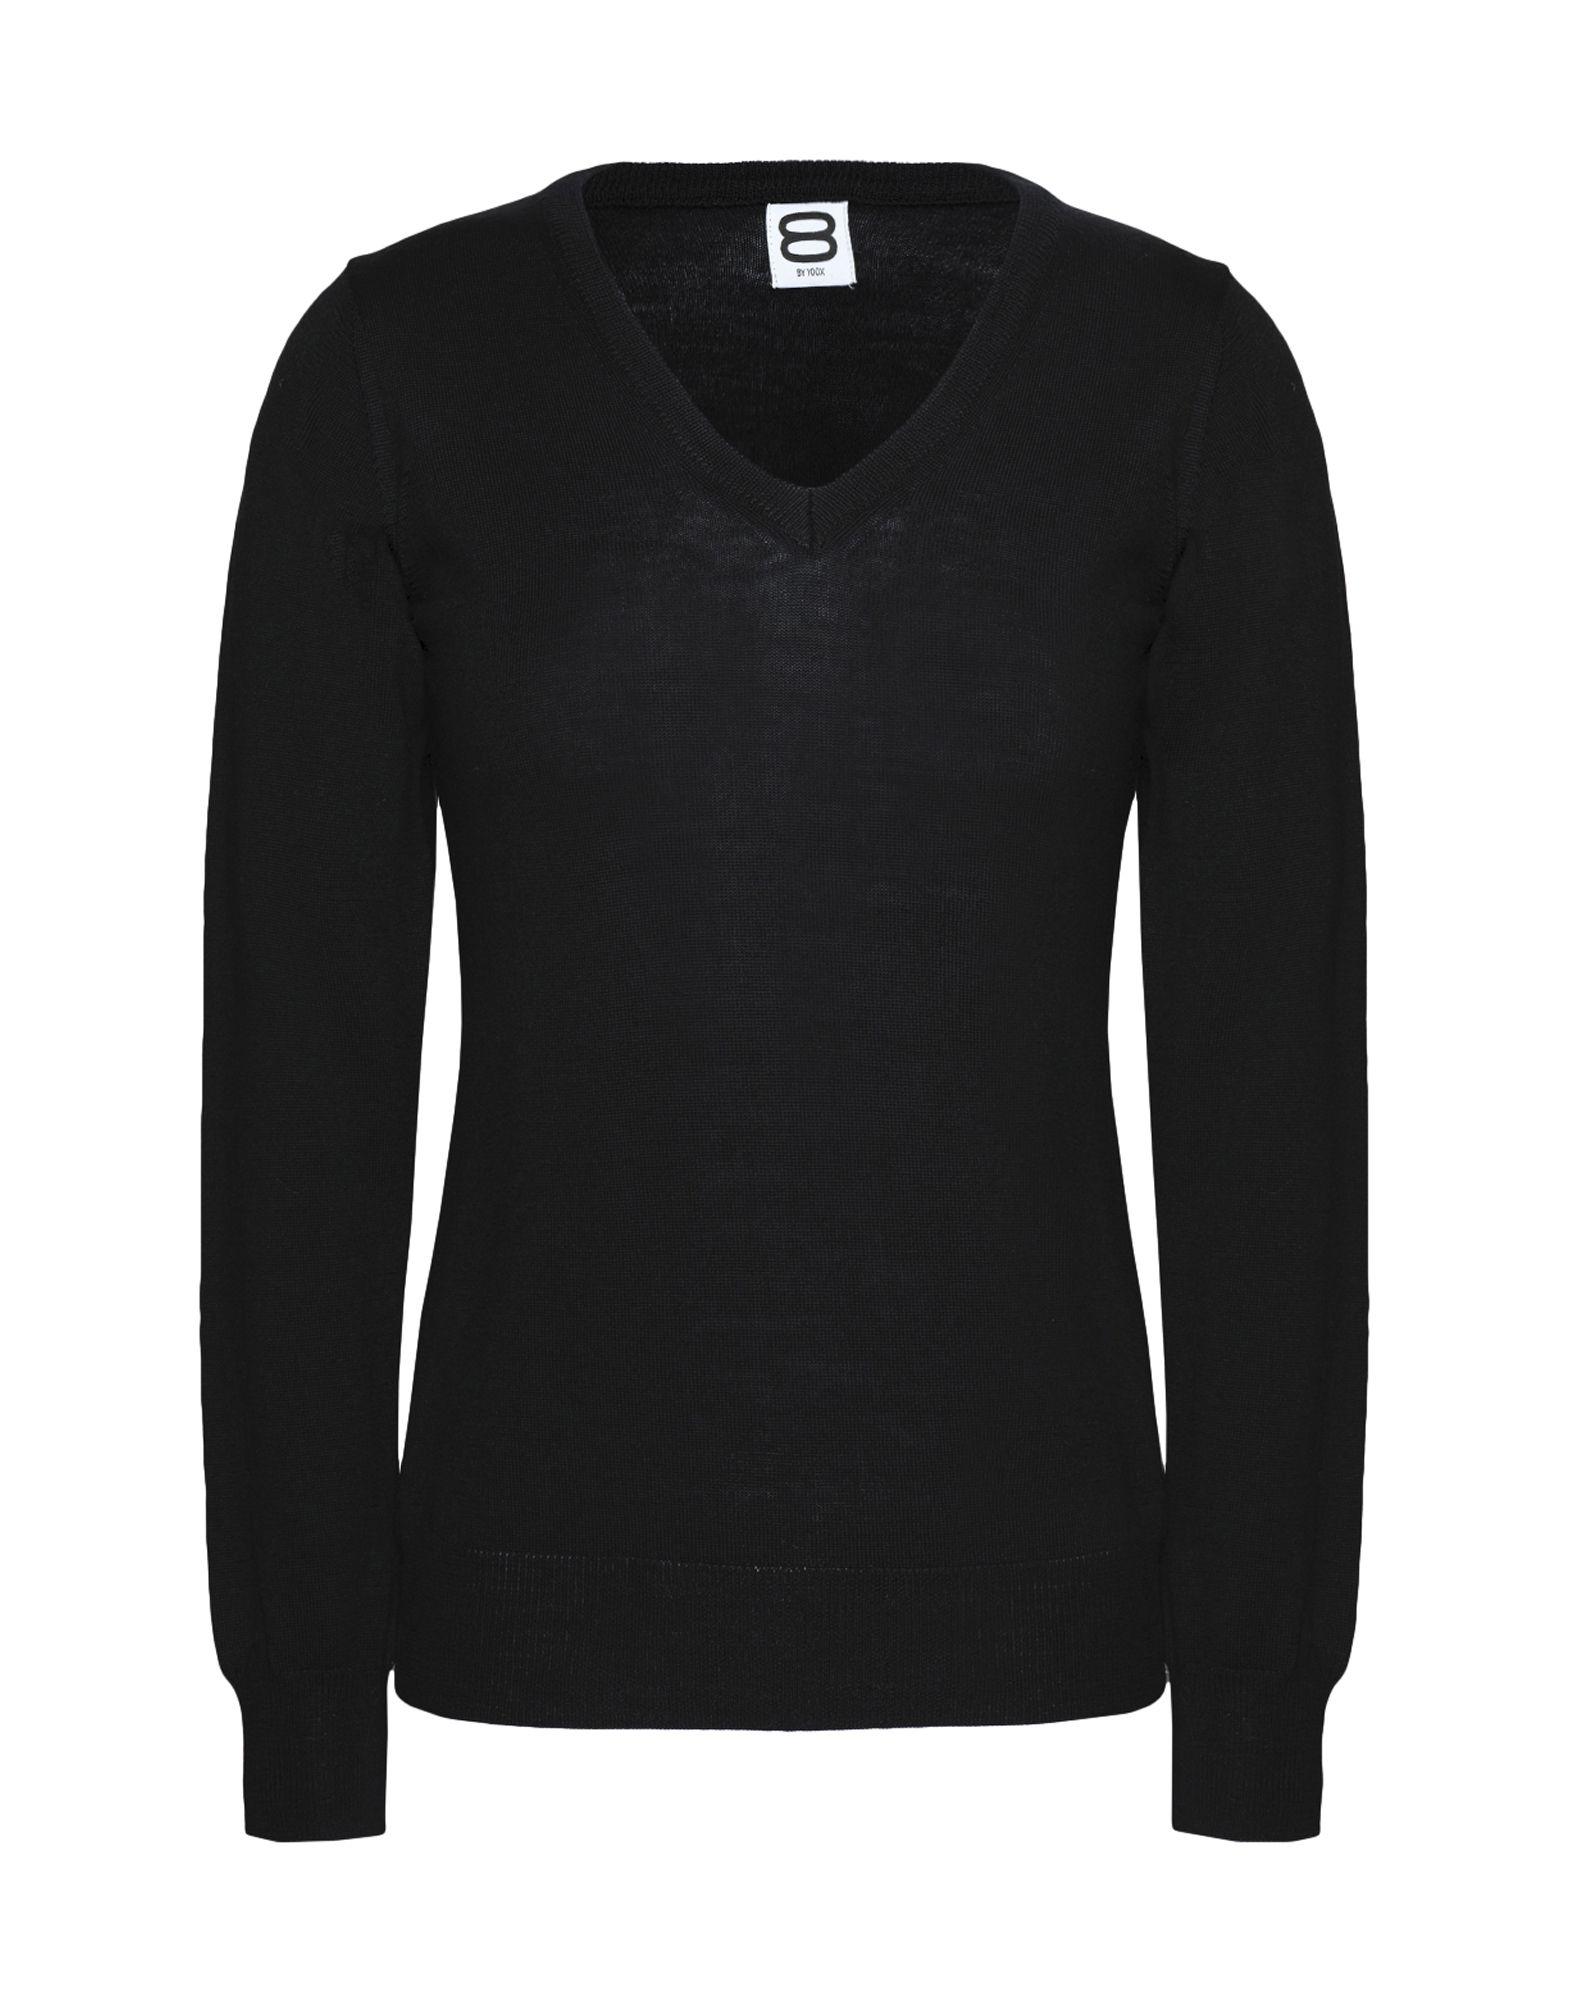 8 by YOOX Свитер пуловер большого размера с v образным вырезом из тонкого трикотажа